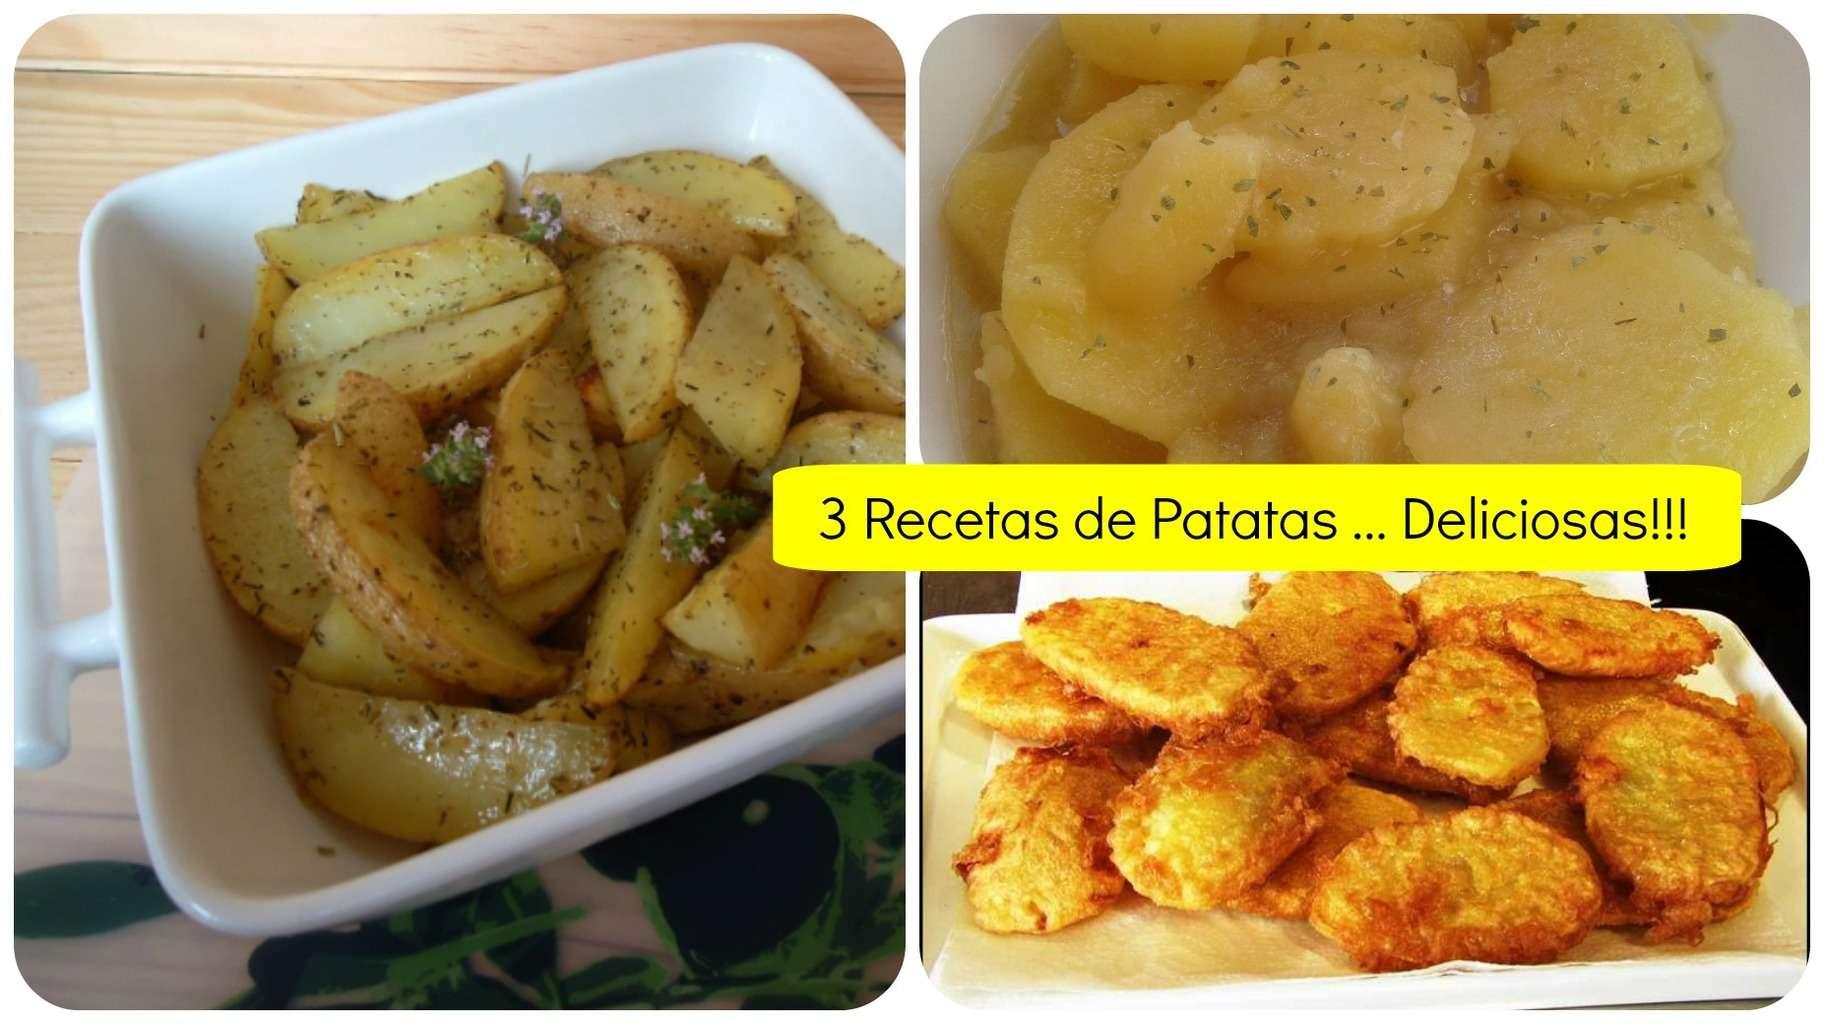 3 Recetas de patatas deliciosas